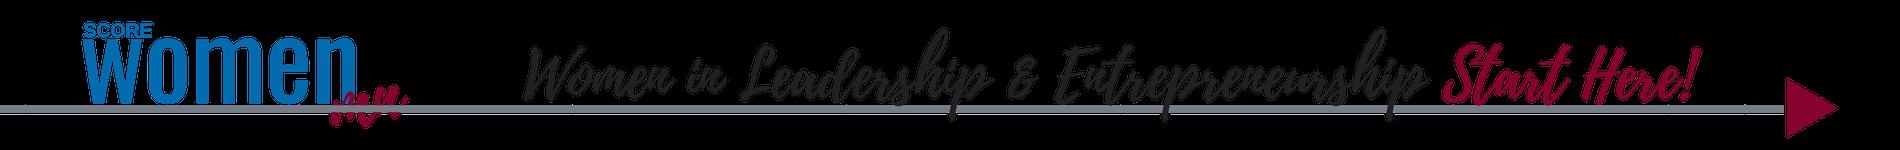 SCORE Women MN logo - Women in Leadership and Entrepreneurship Start Here